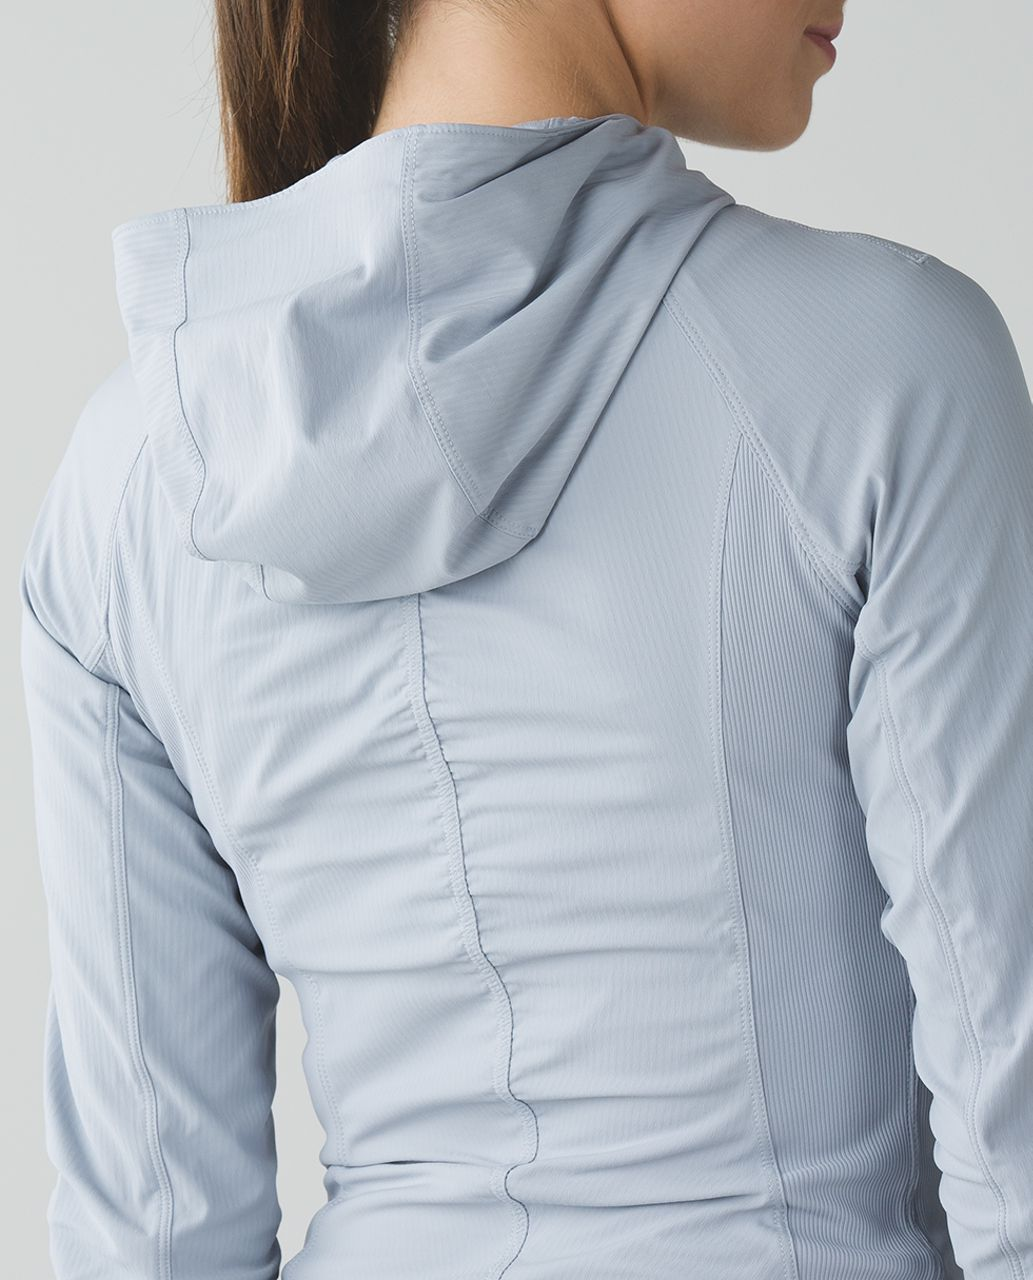 Lululemon In Flux Jacket - Silver Fox